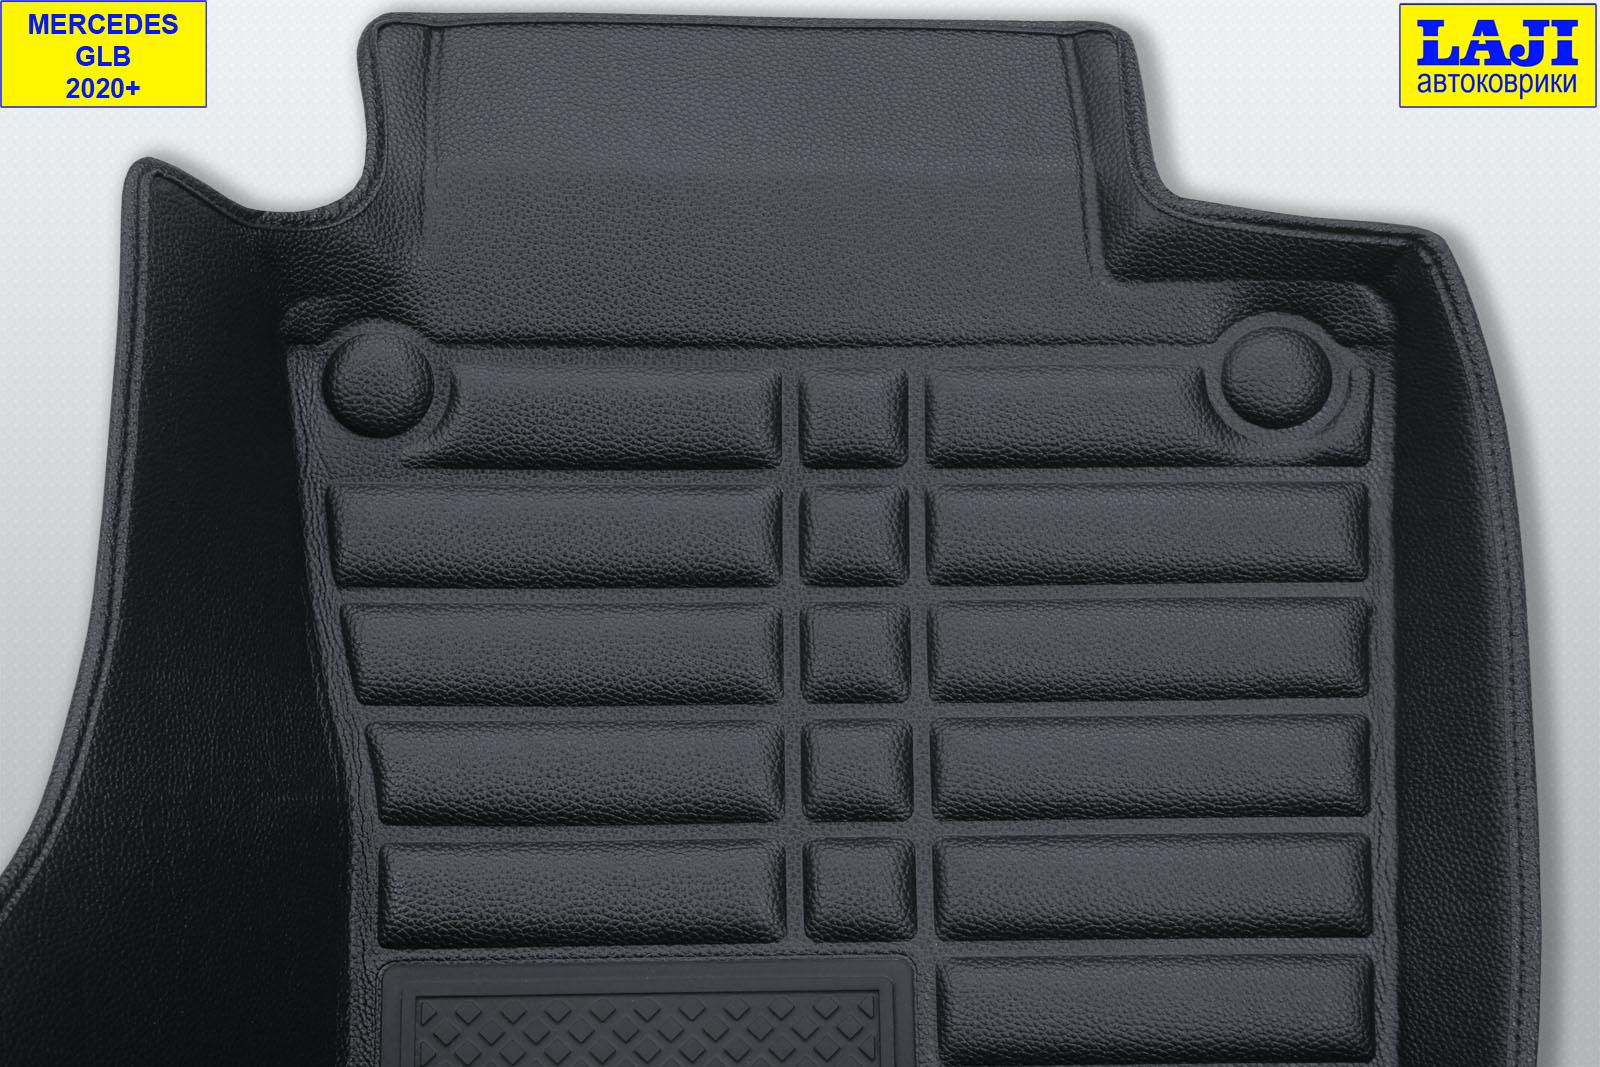 5D коврики в салон Mercedes GLB 2020-н.в. 8